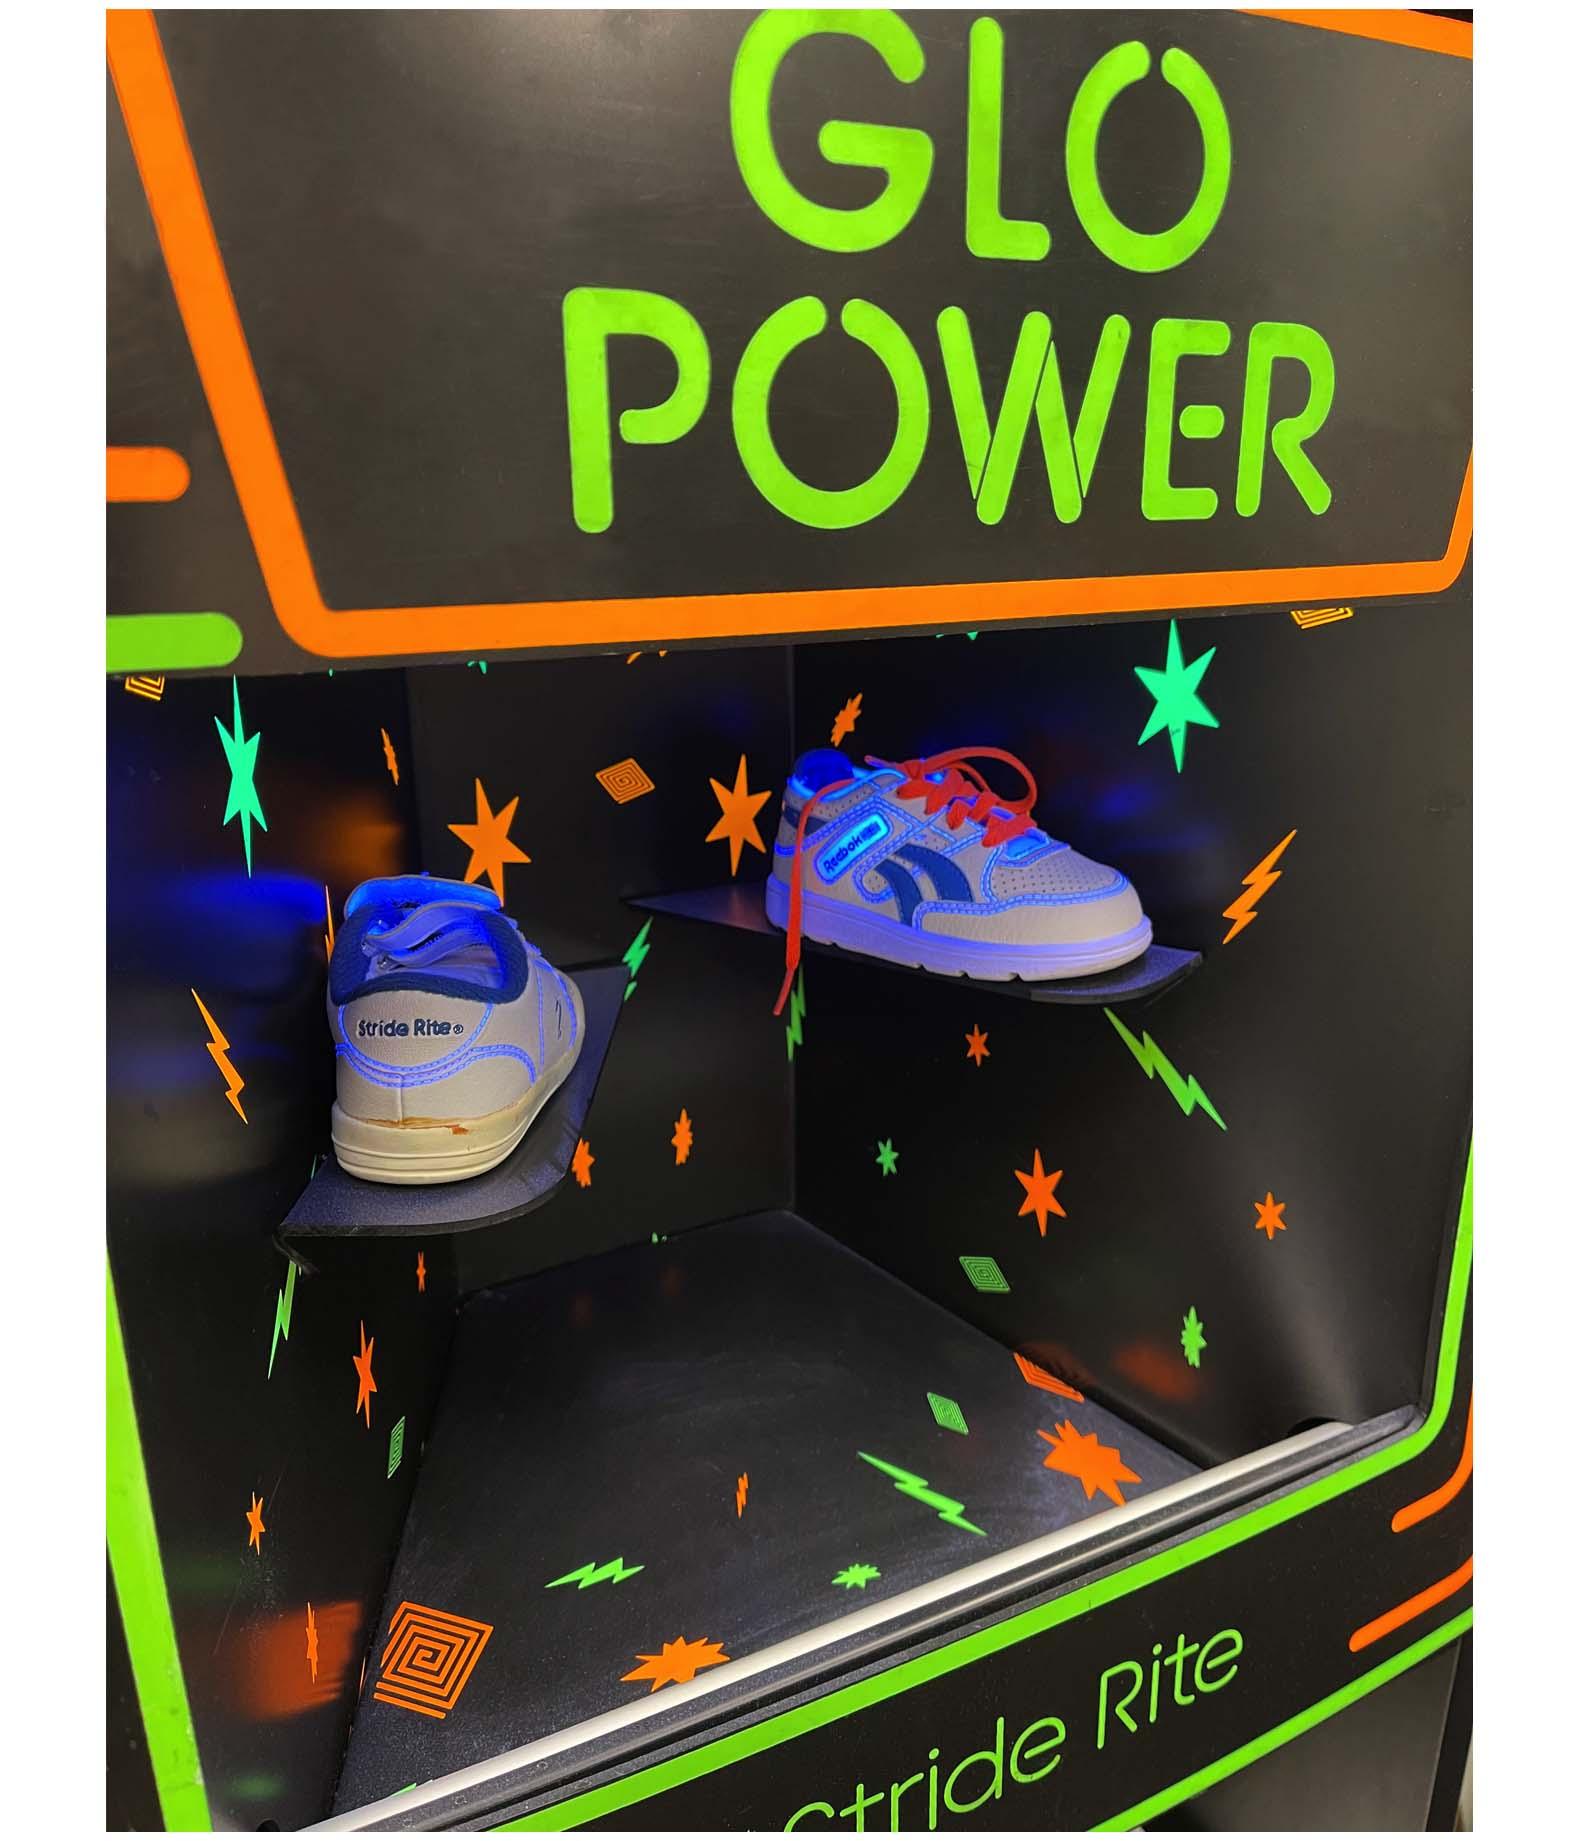 Glow Power